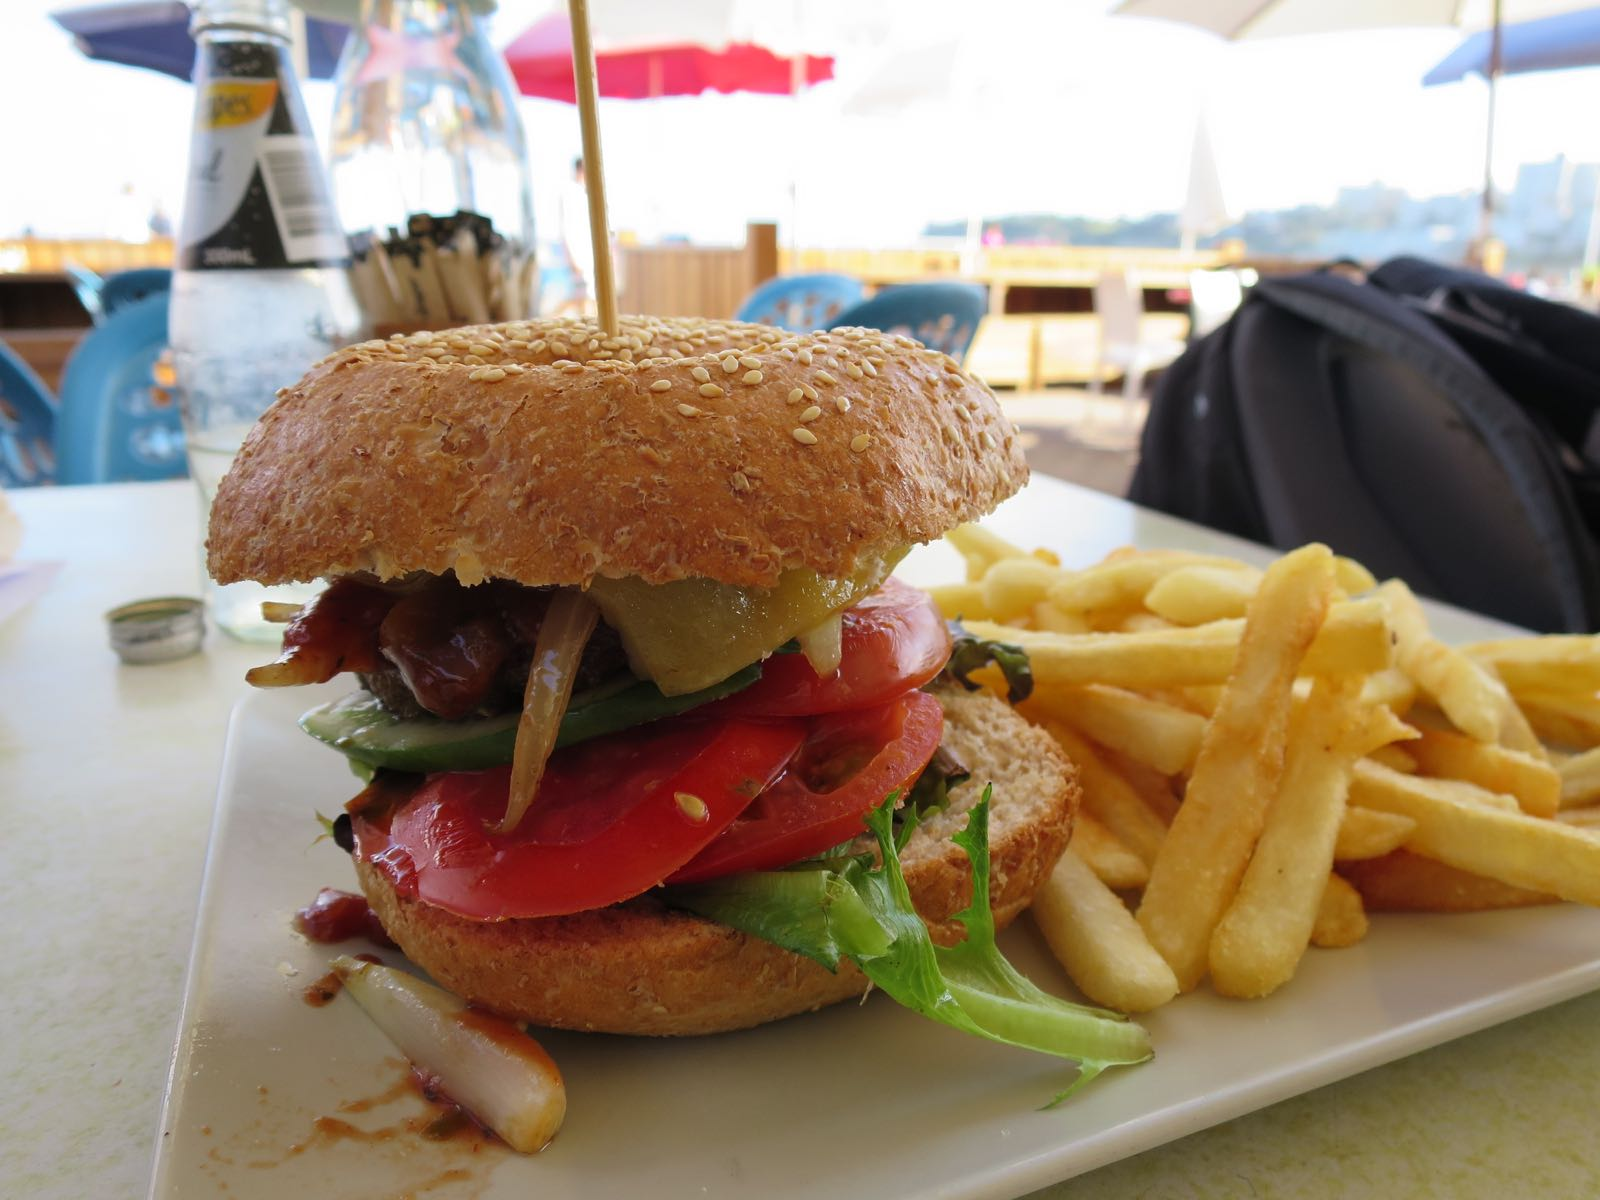 Burgereita on joka paikassa ja ne ovat pääsääntöisesti tosi herkullisia. Liiallisen roskaruoan jälkeen allekirjoittanut on syönyt kolme päivää lähinnä kanasalaattia..